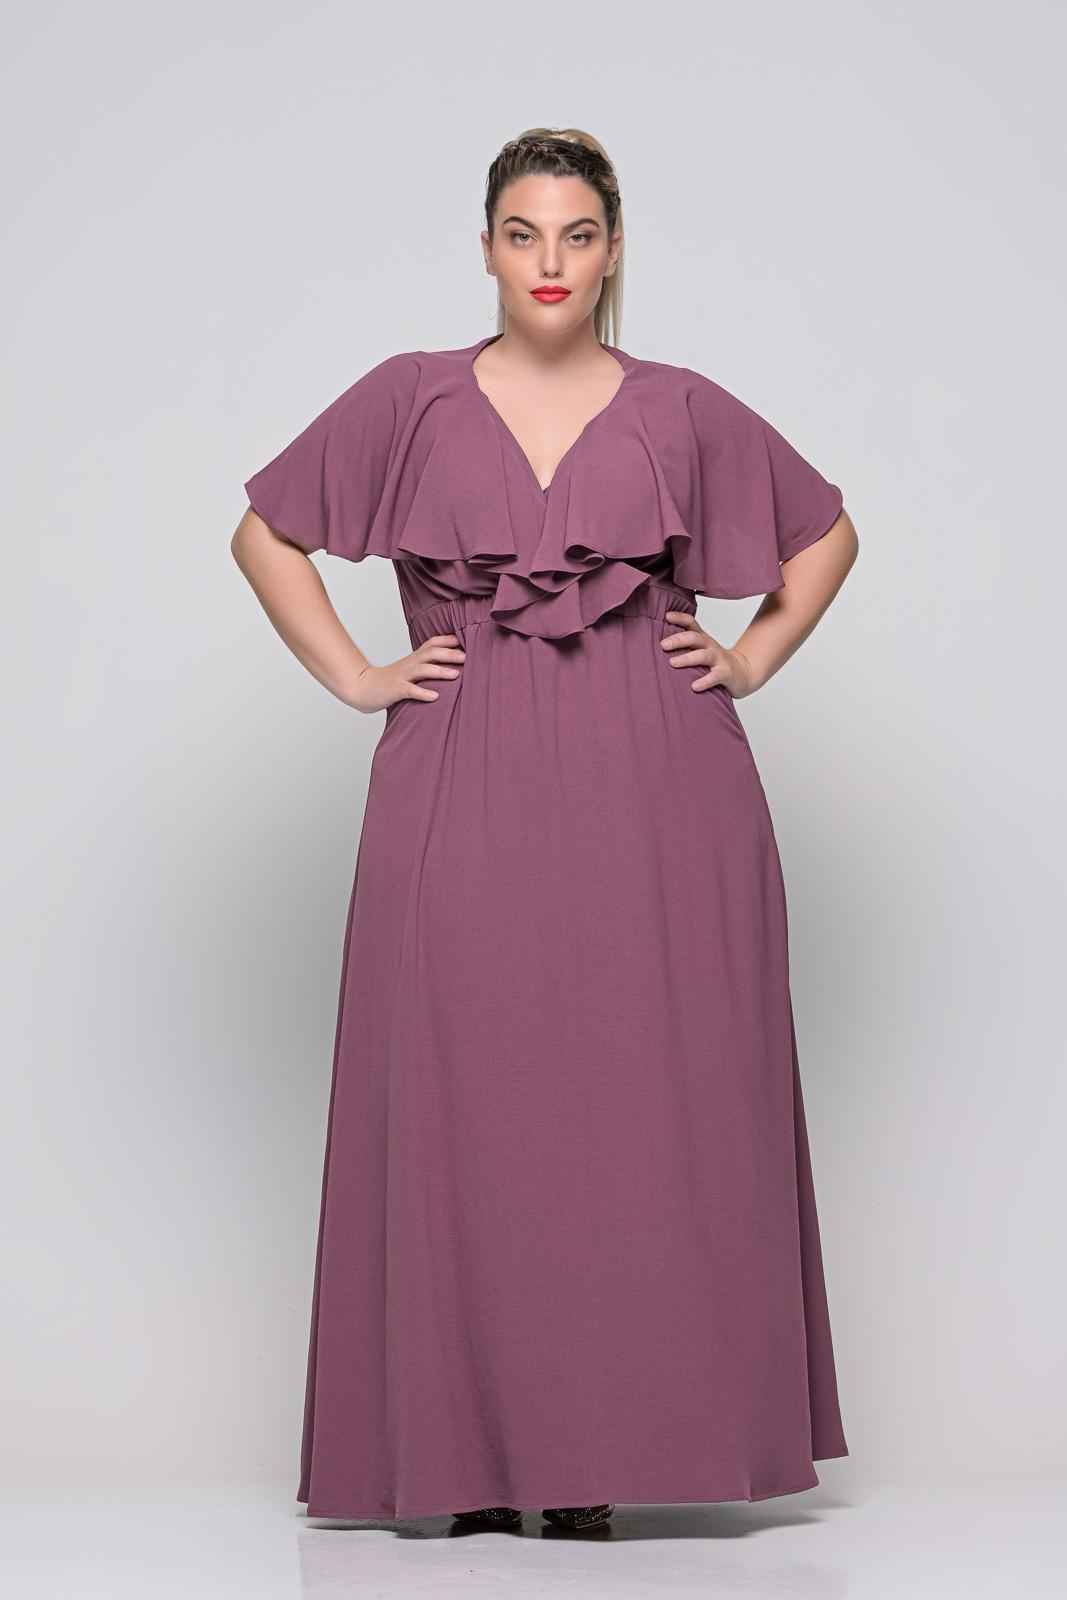 Φόρεμα μεγάλα μεγέθη κρουαζέ μελιτζανί